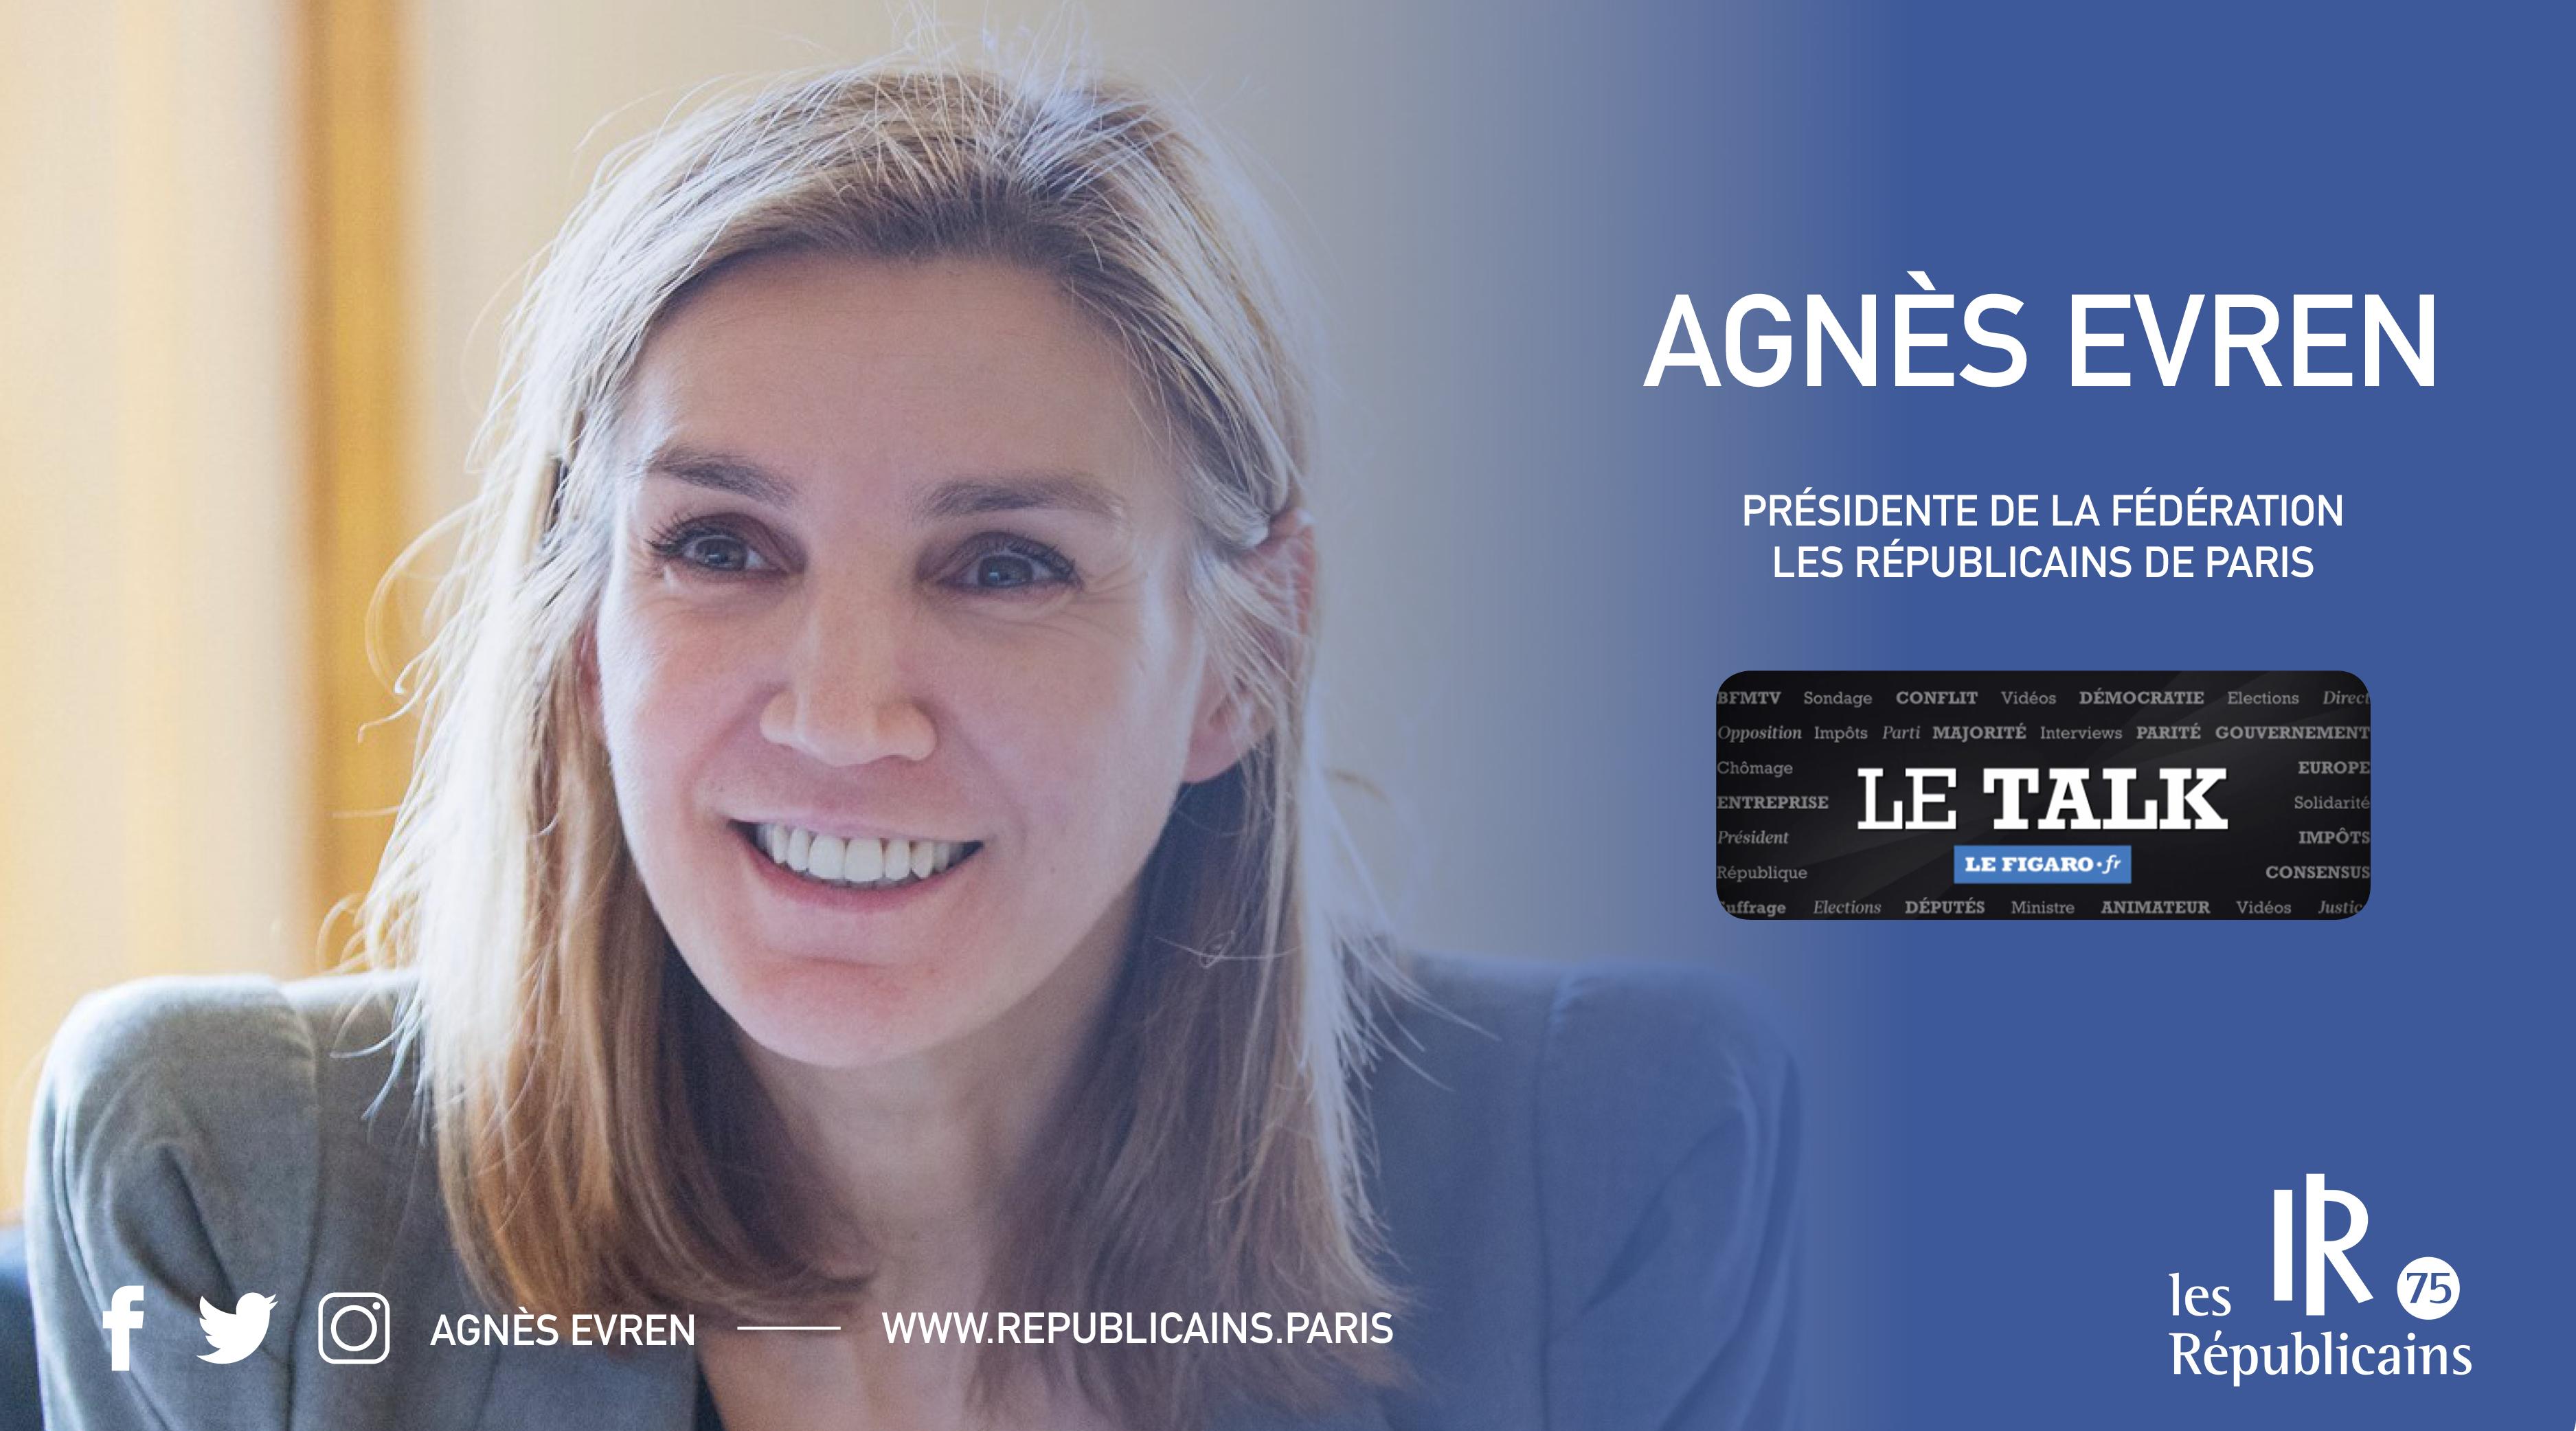 Le Talk d'Agnès Evren